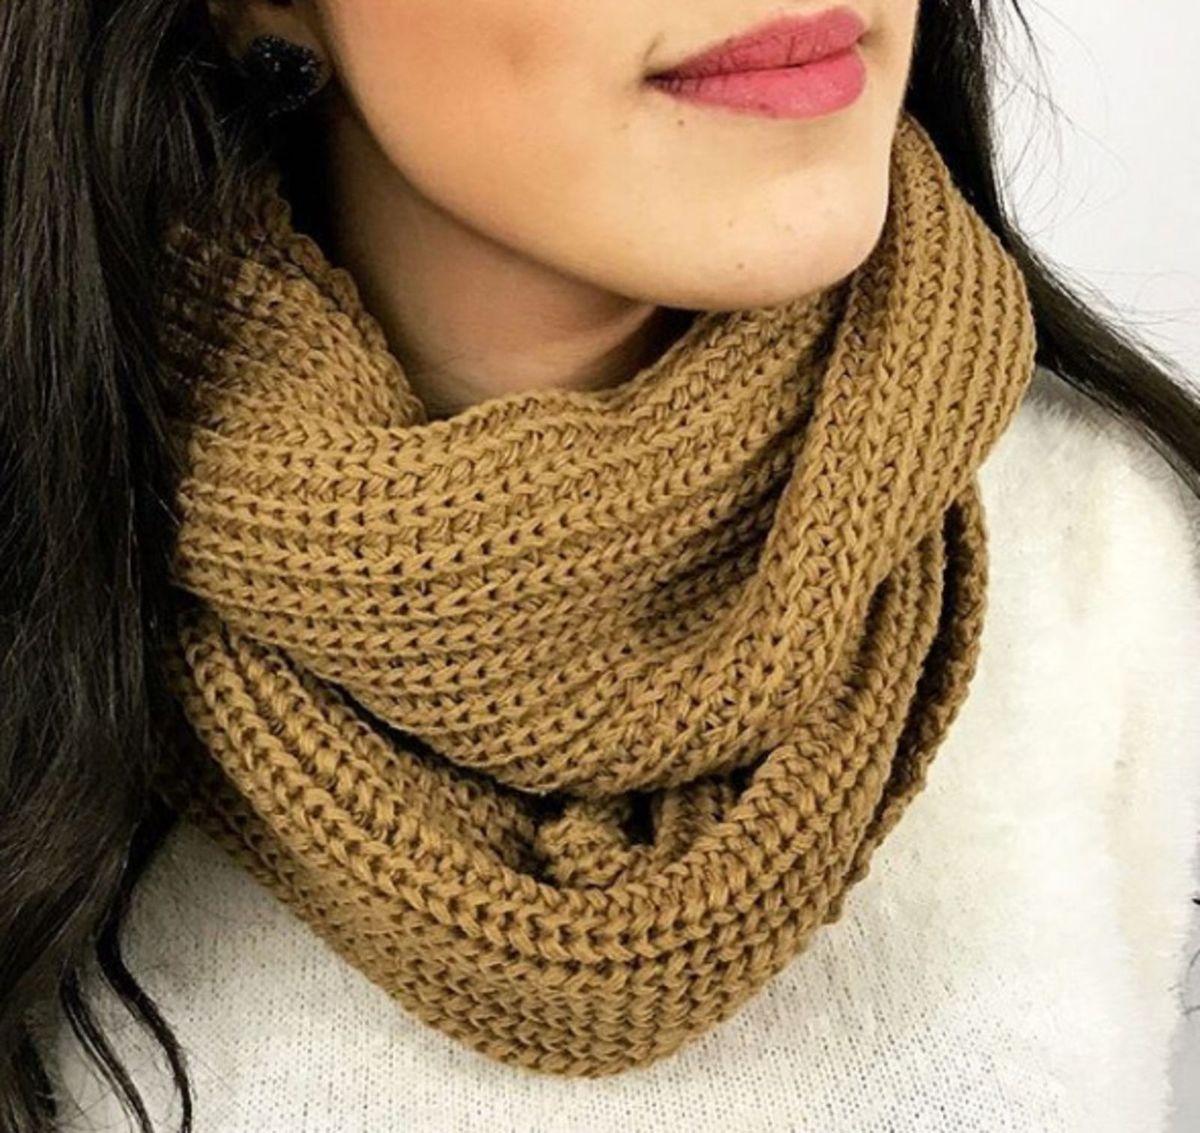 golas em trico - lenços sem marca